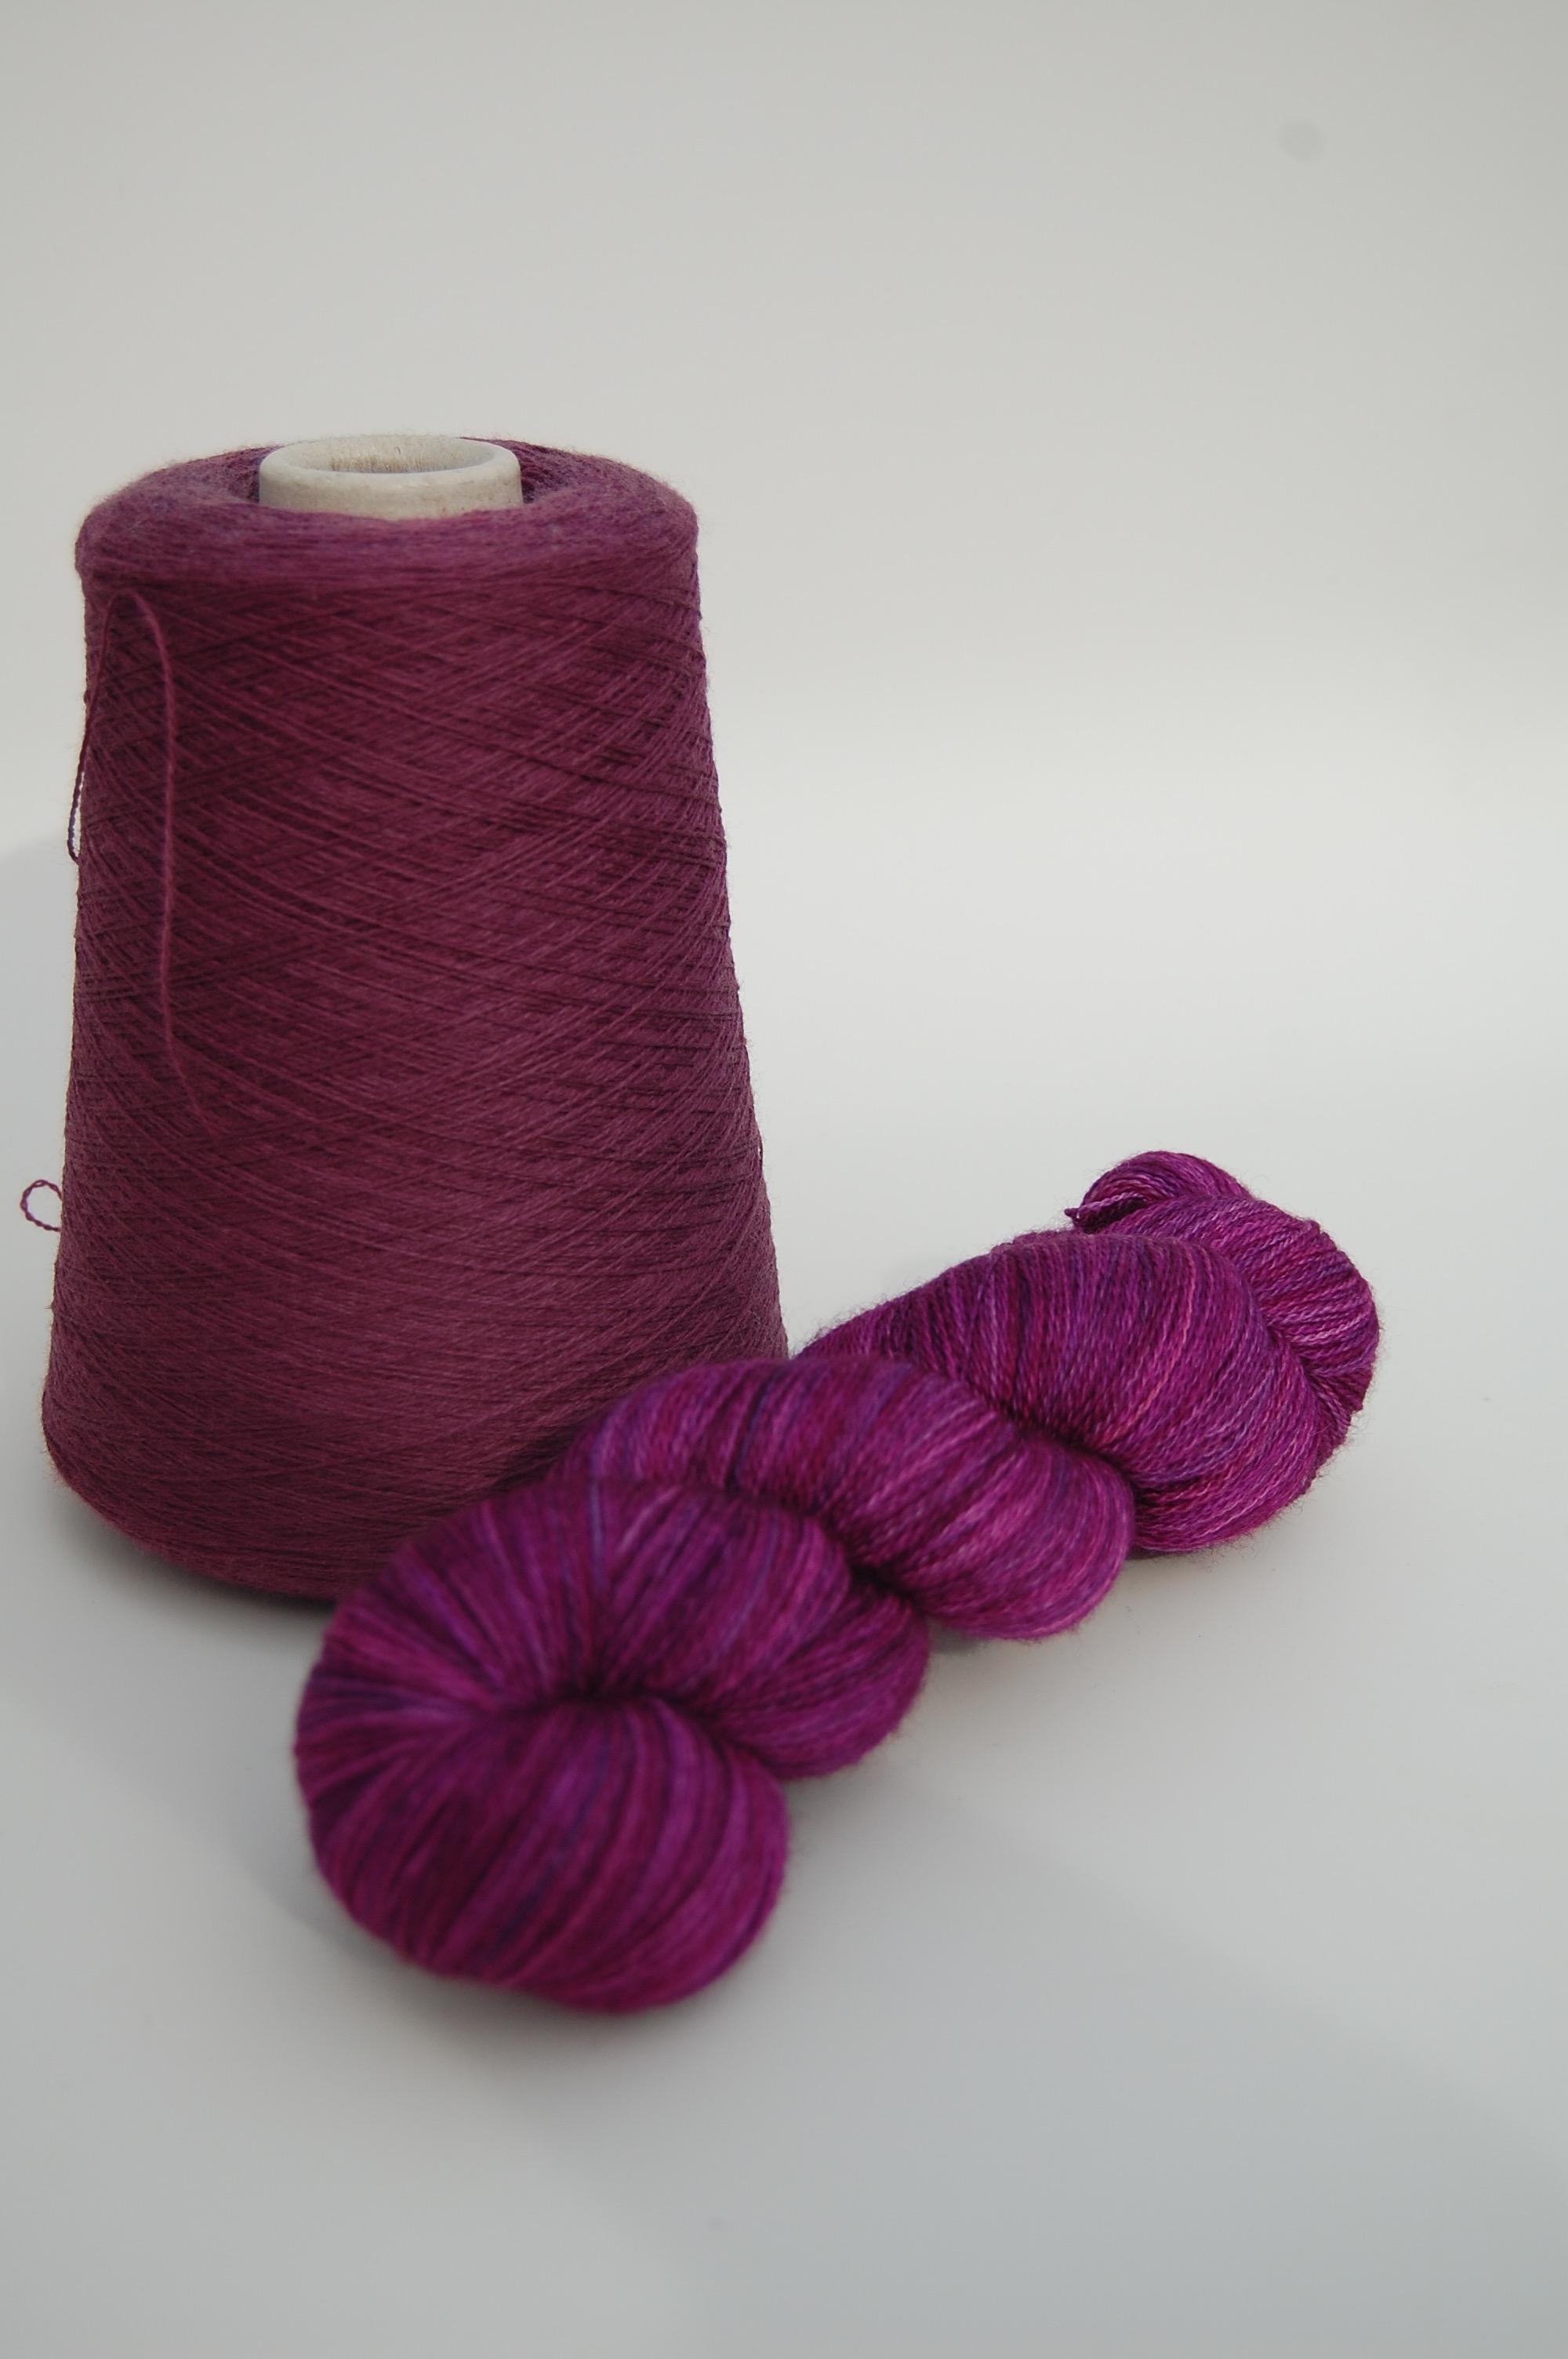 hand-dyed superwash merino wool and fine organic wool wefts